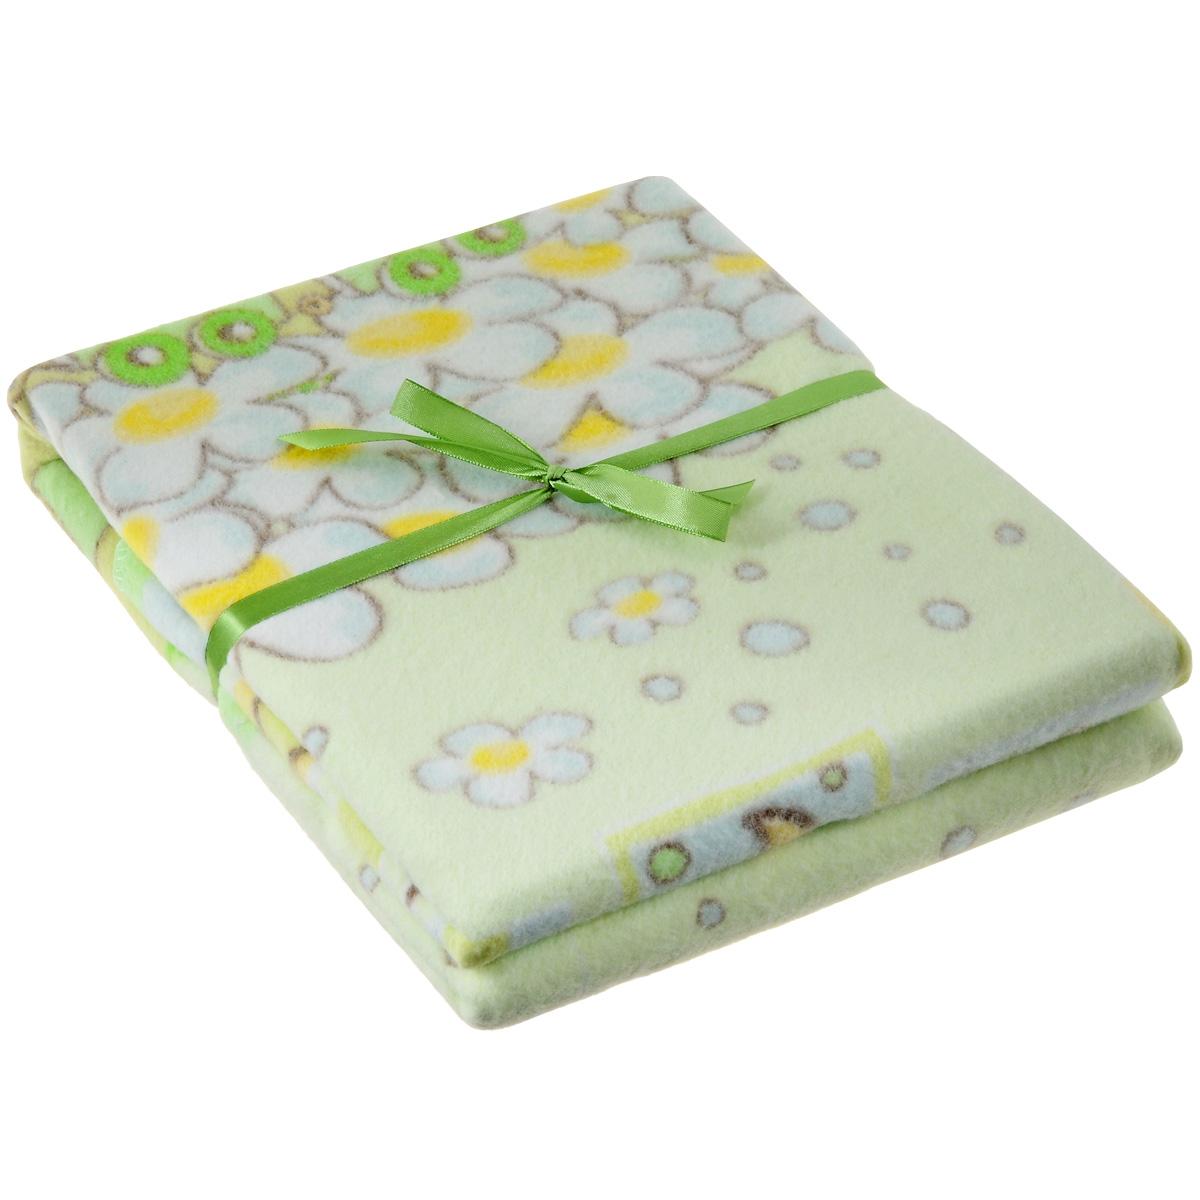 Одеяло детское Baby Nice Паровозик, байковое, цвет: зеленый, 85 см x 115 смD111511